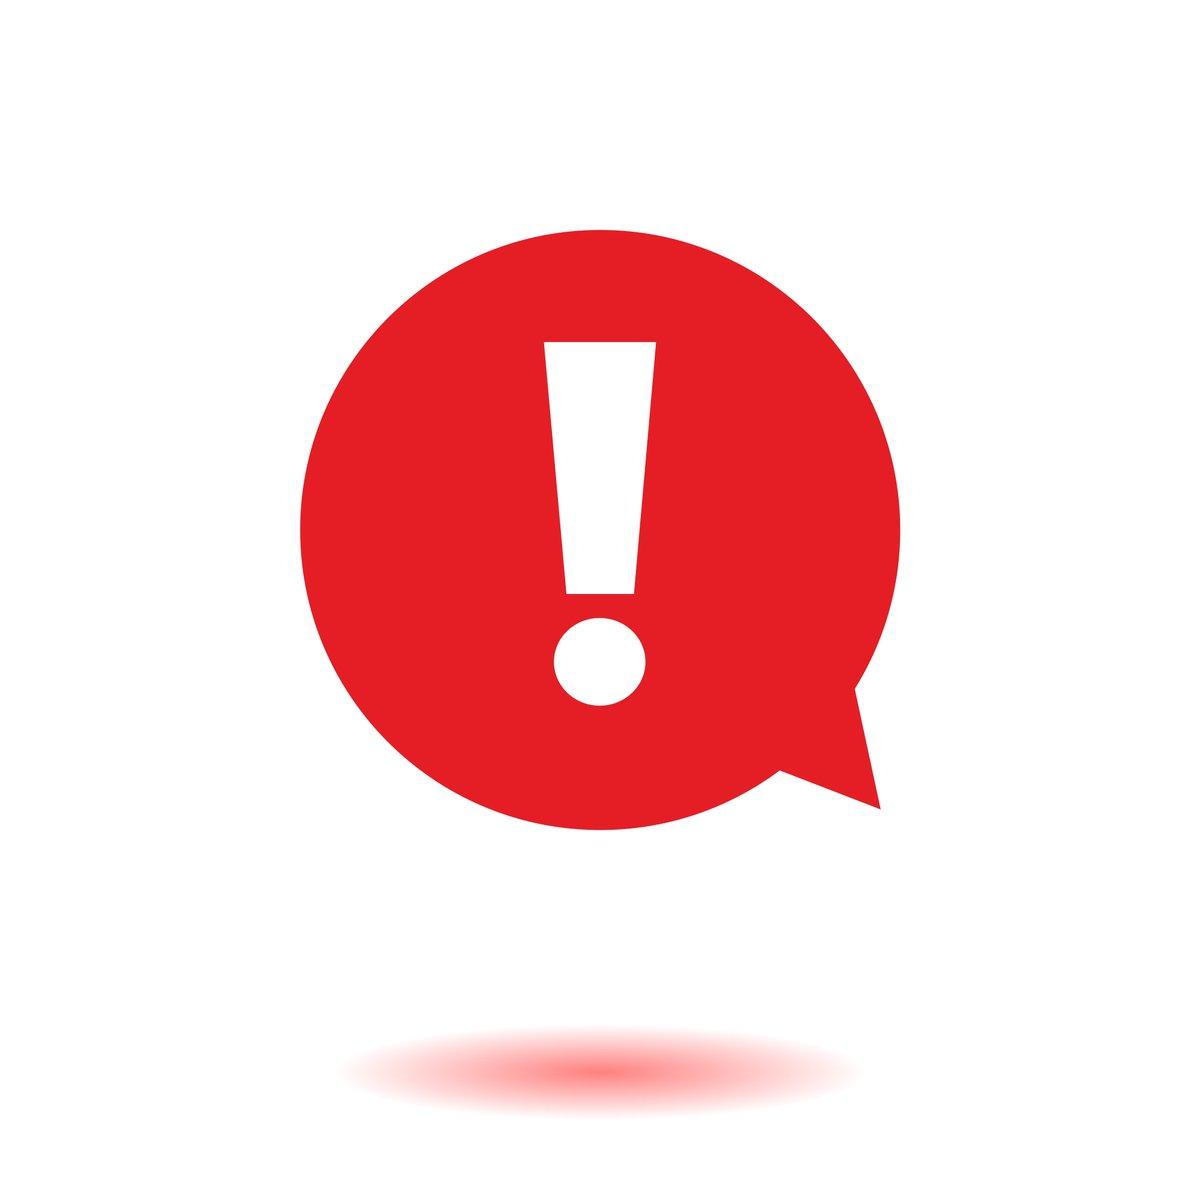 Как сделать красный восклицательный знак вконтакте